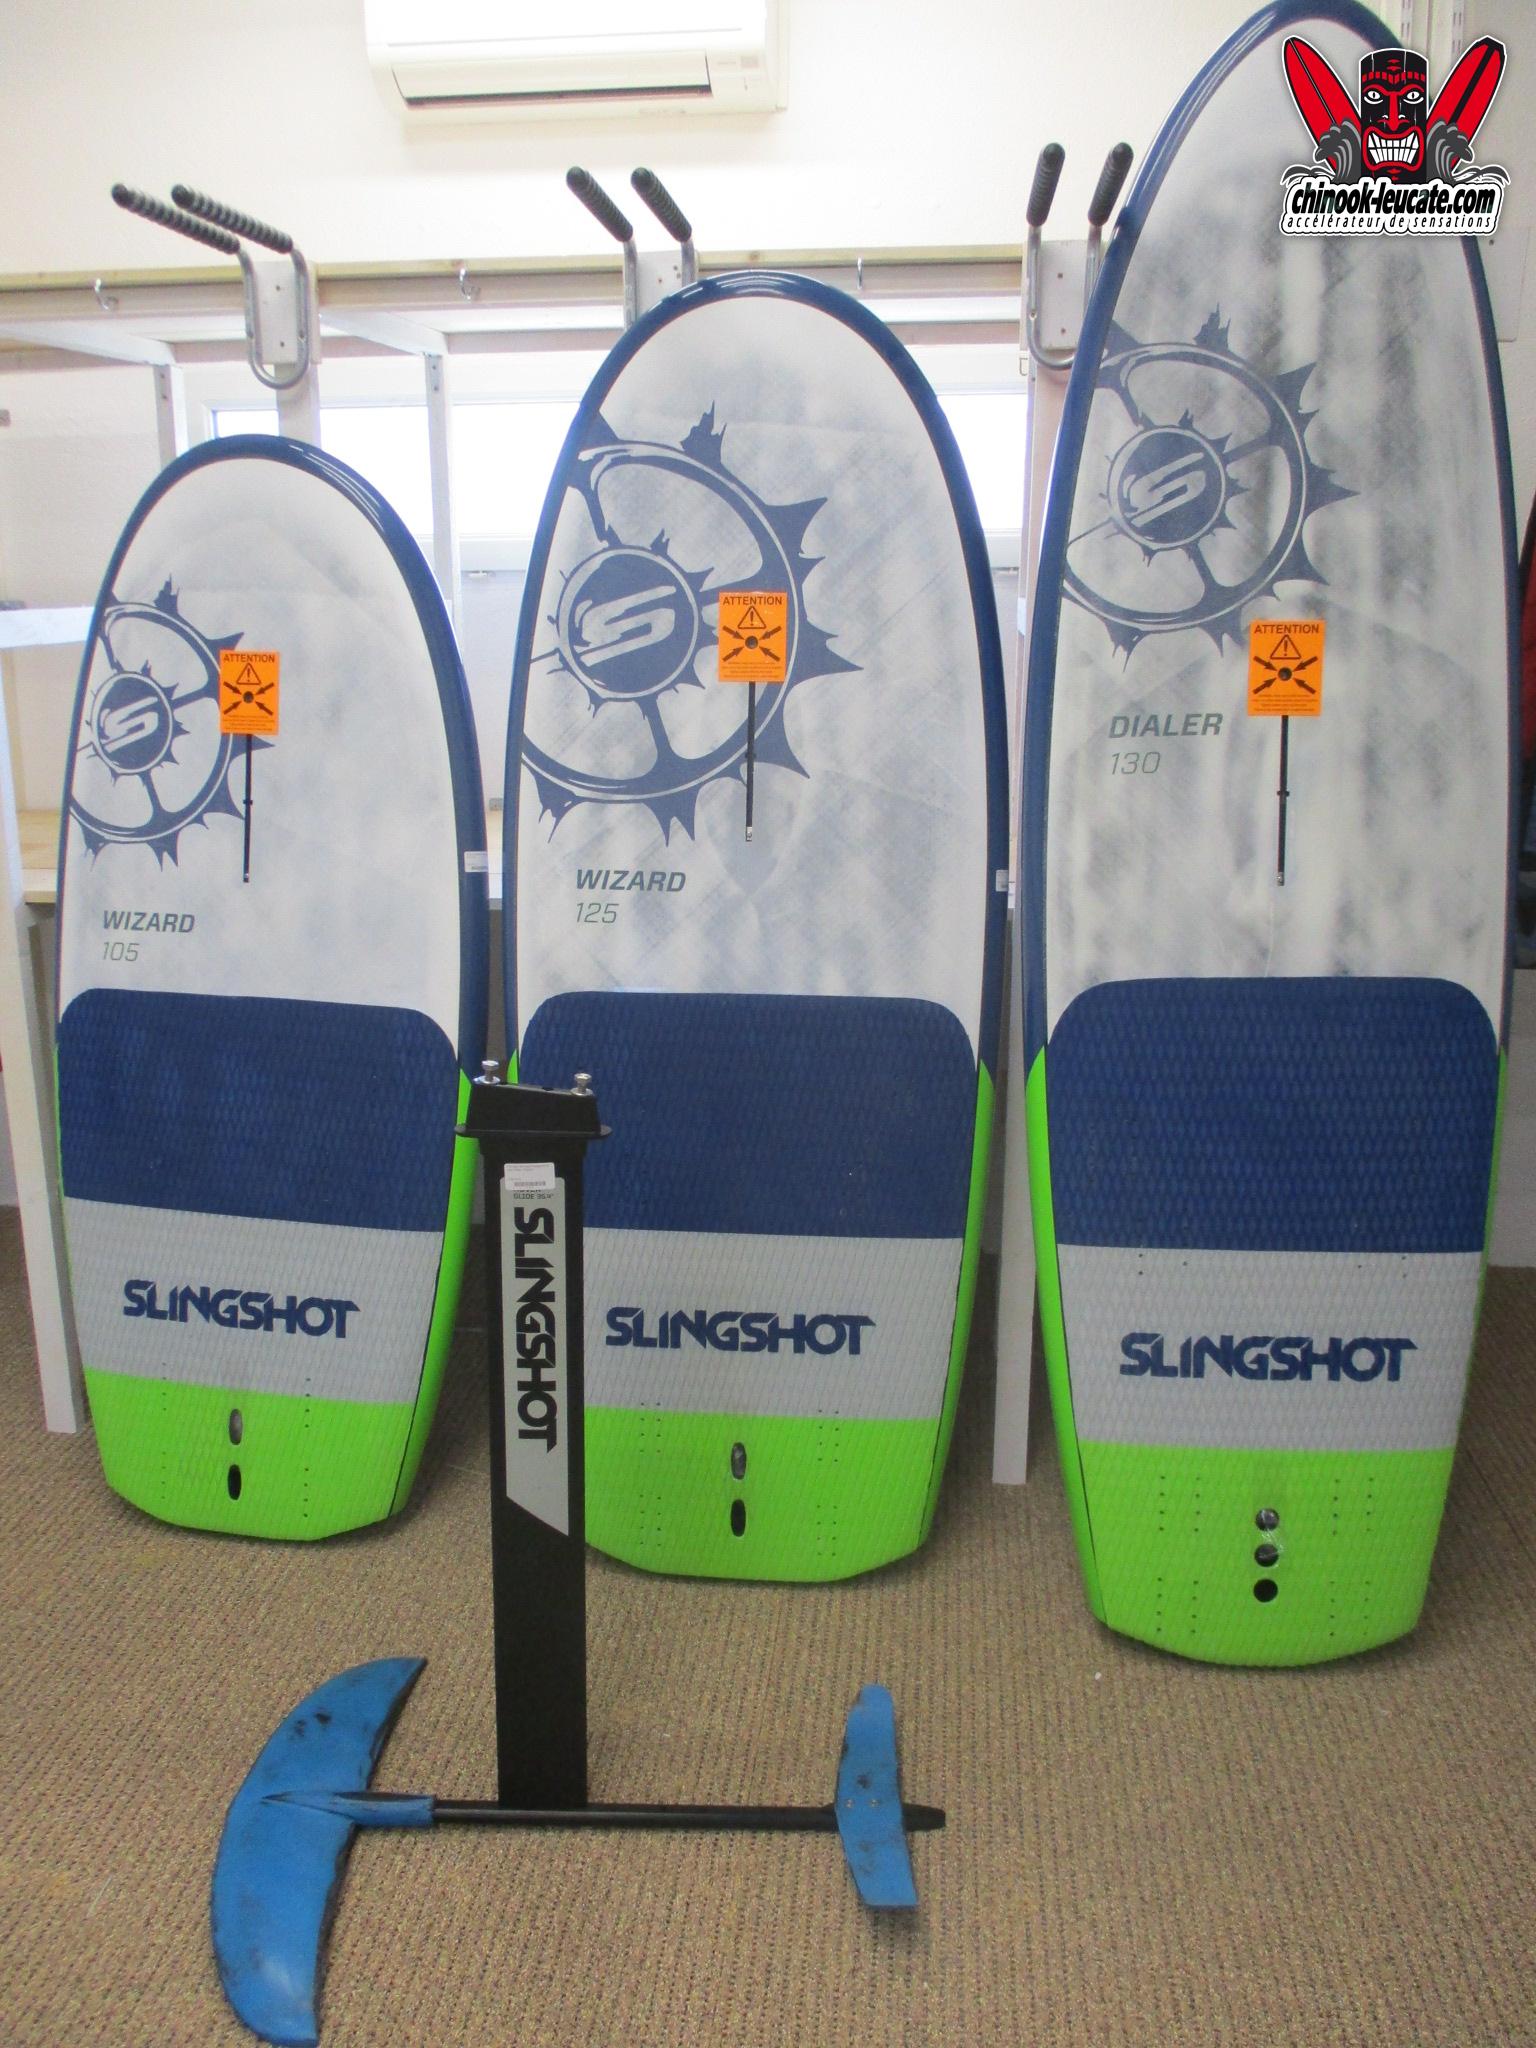 Les Slingshot Windsurf foil 2018 sont là! – Le blog Chinook